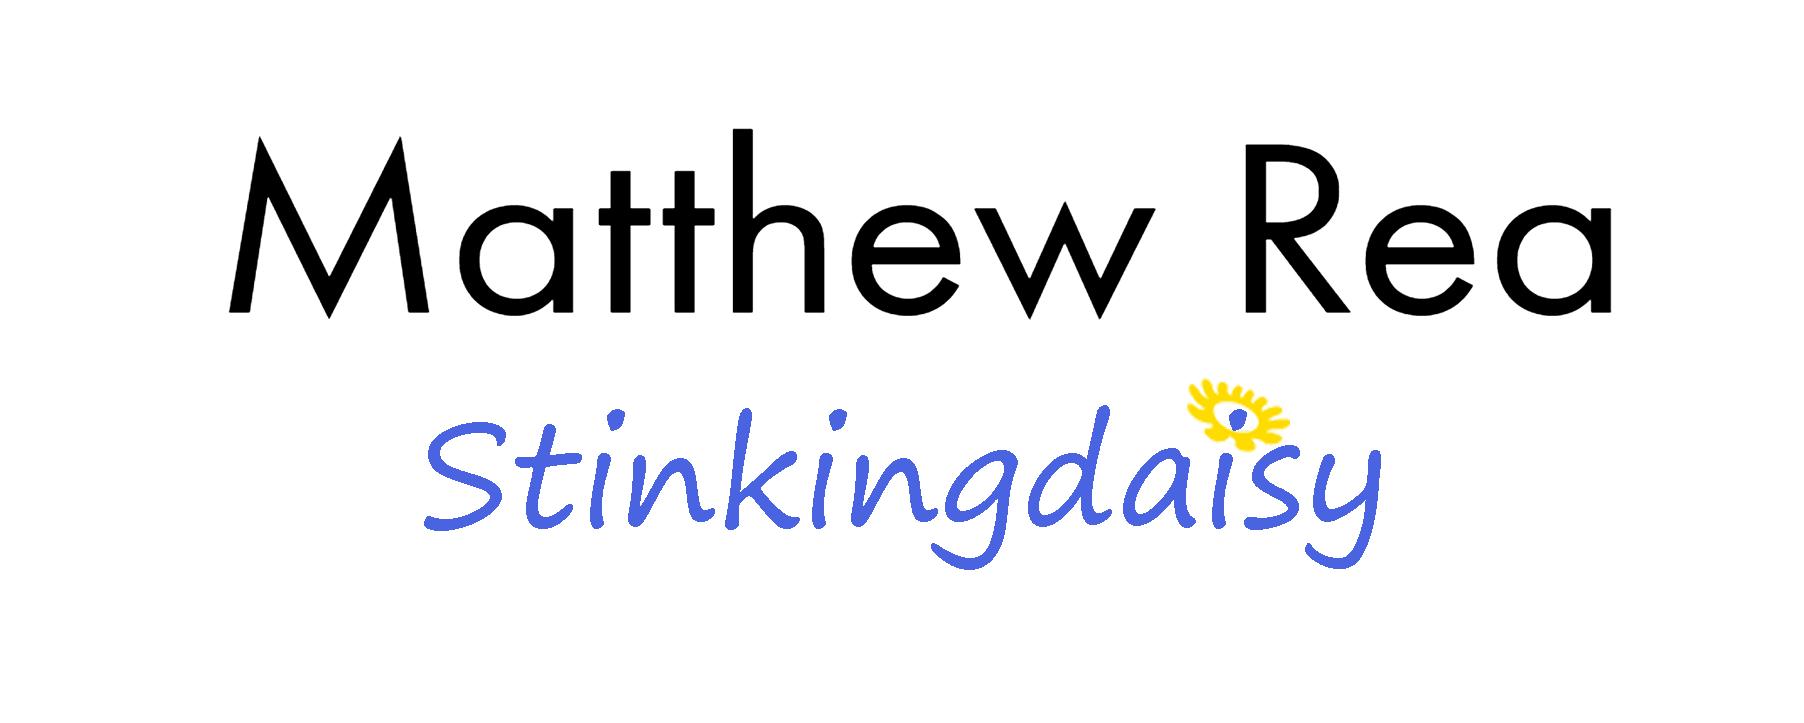 Matthew Rea